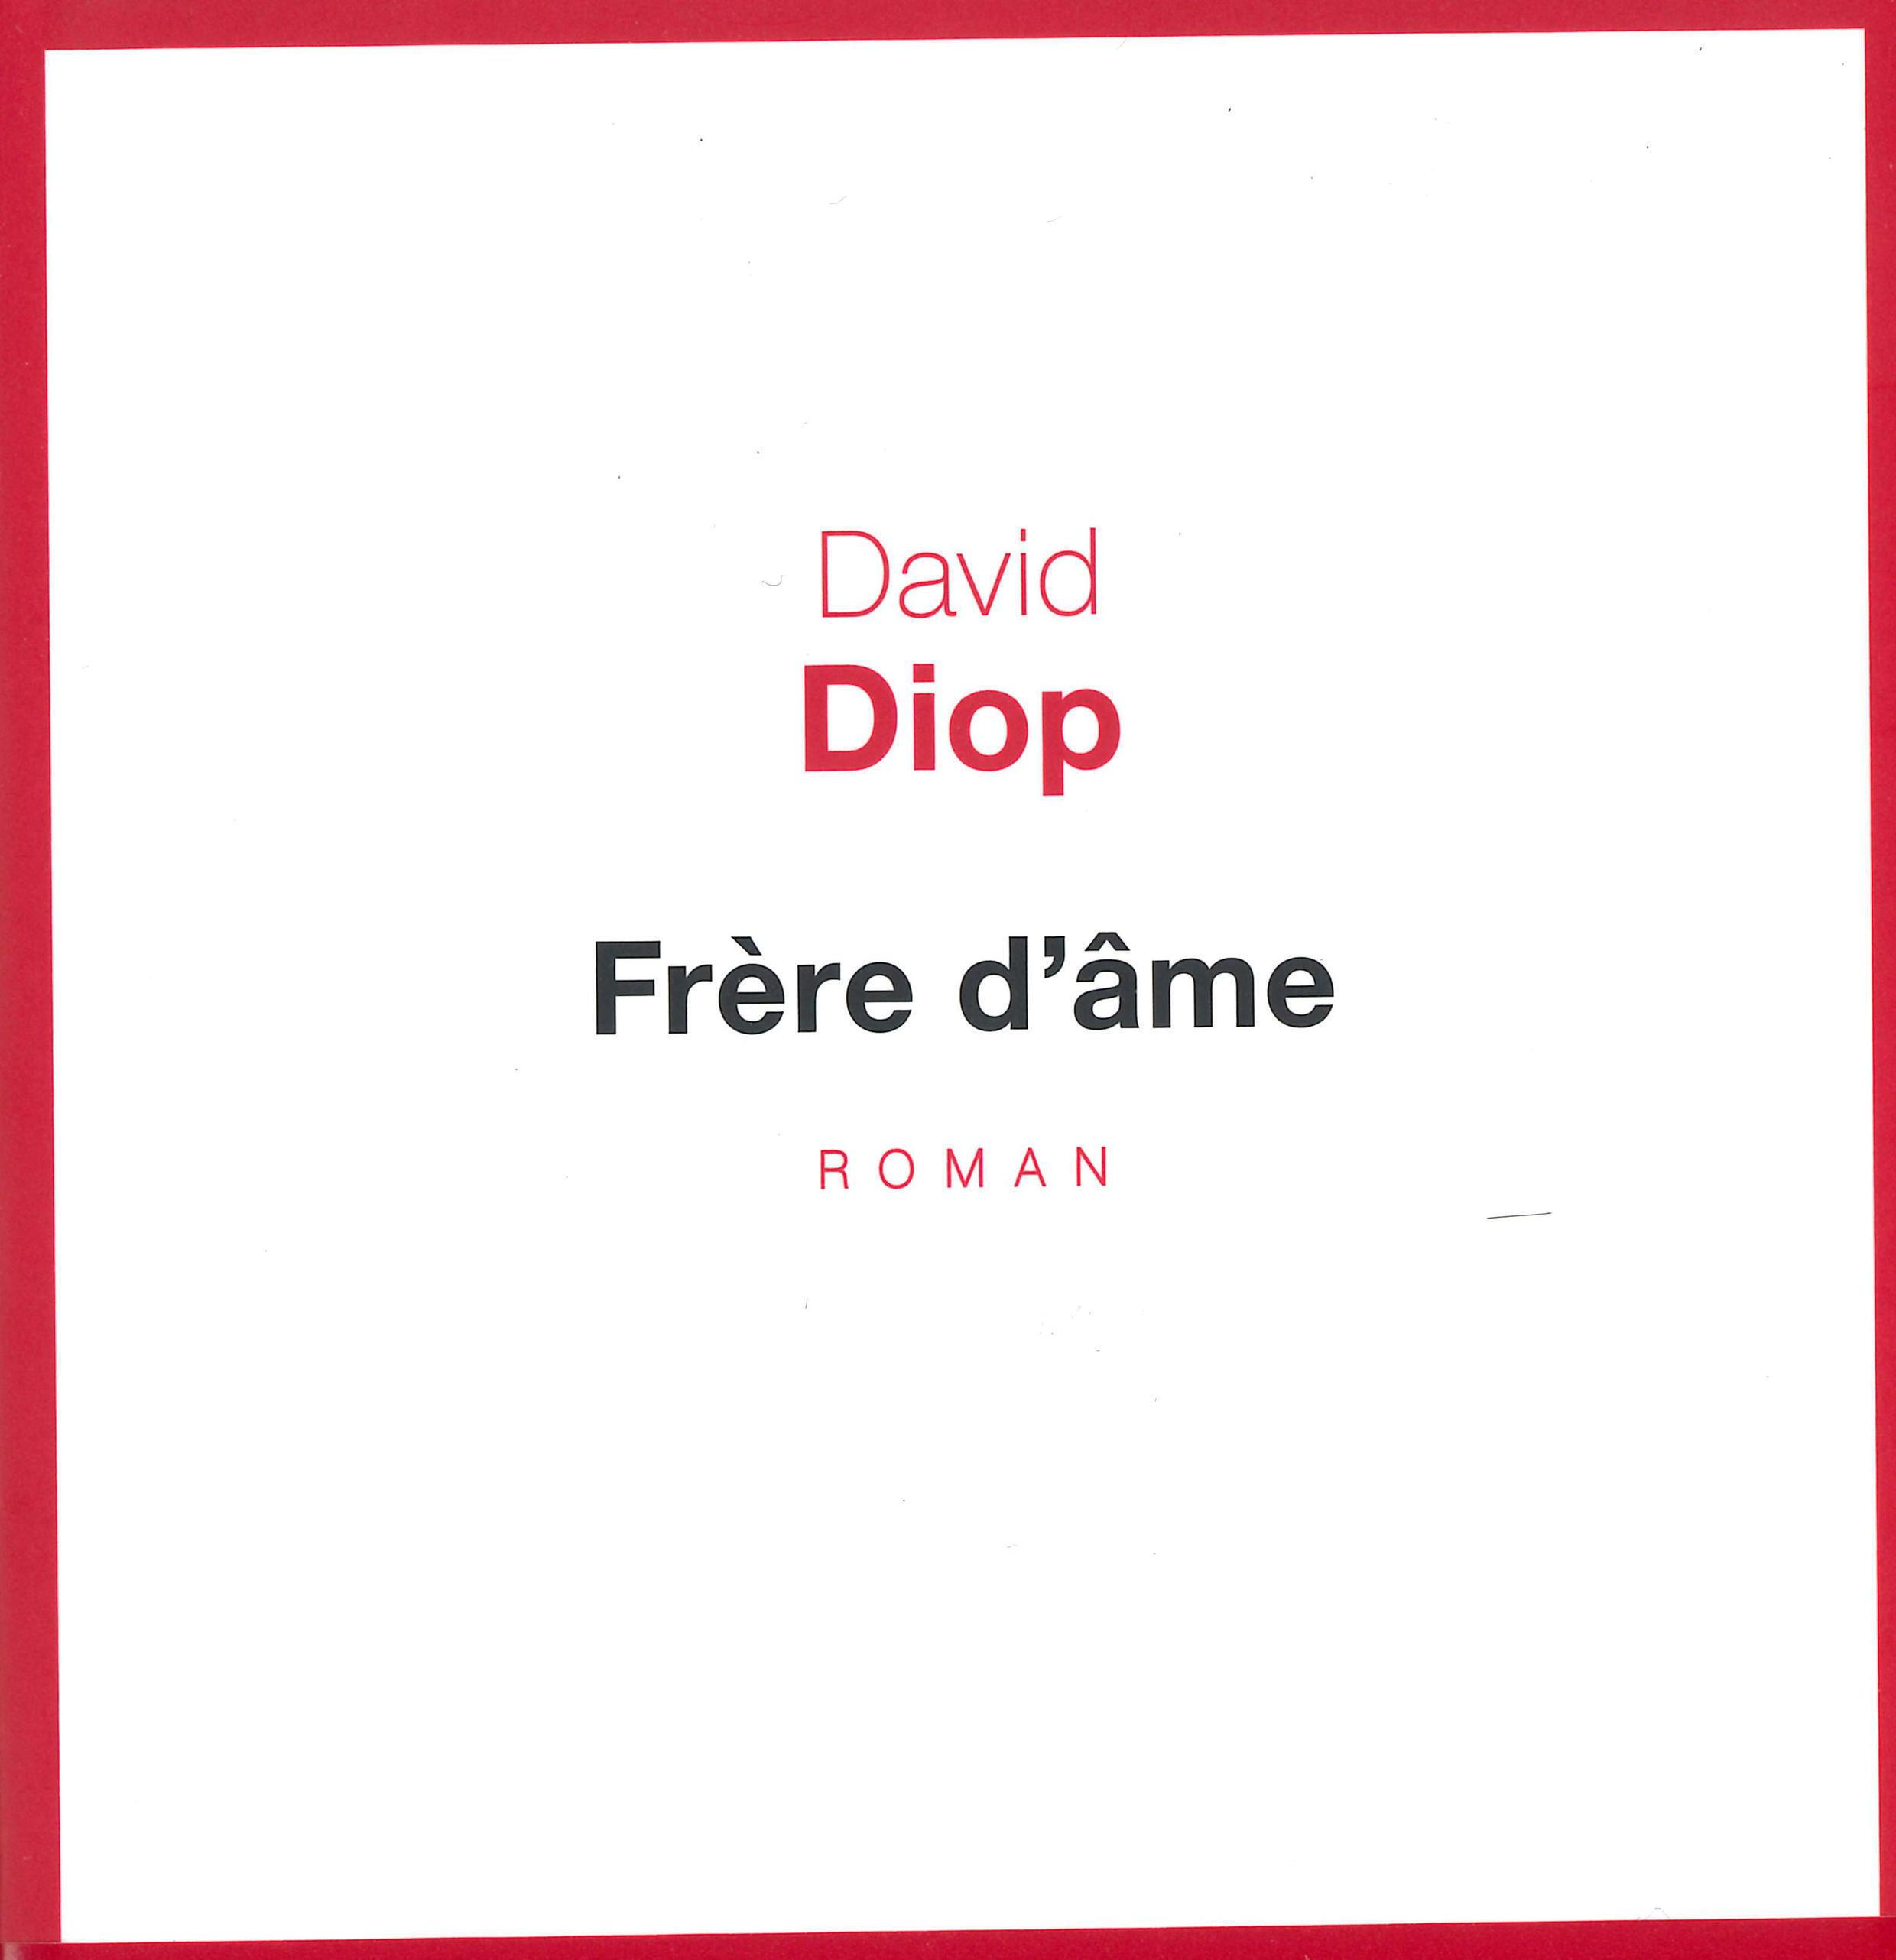 Un premier roman émouvant sur la bravoure et la le désarroi des tirailleurs sénégalais sur les champs de bataille de la Première Guerre mondiale.